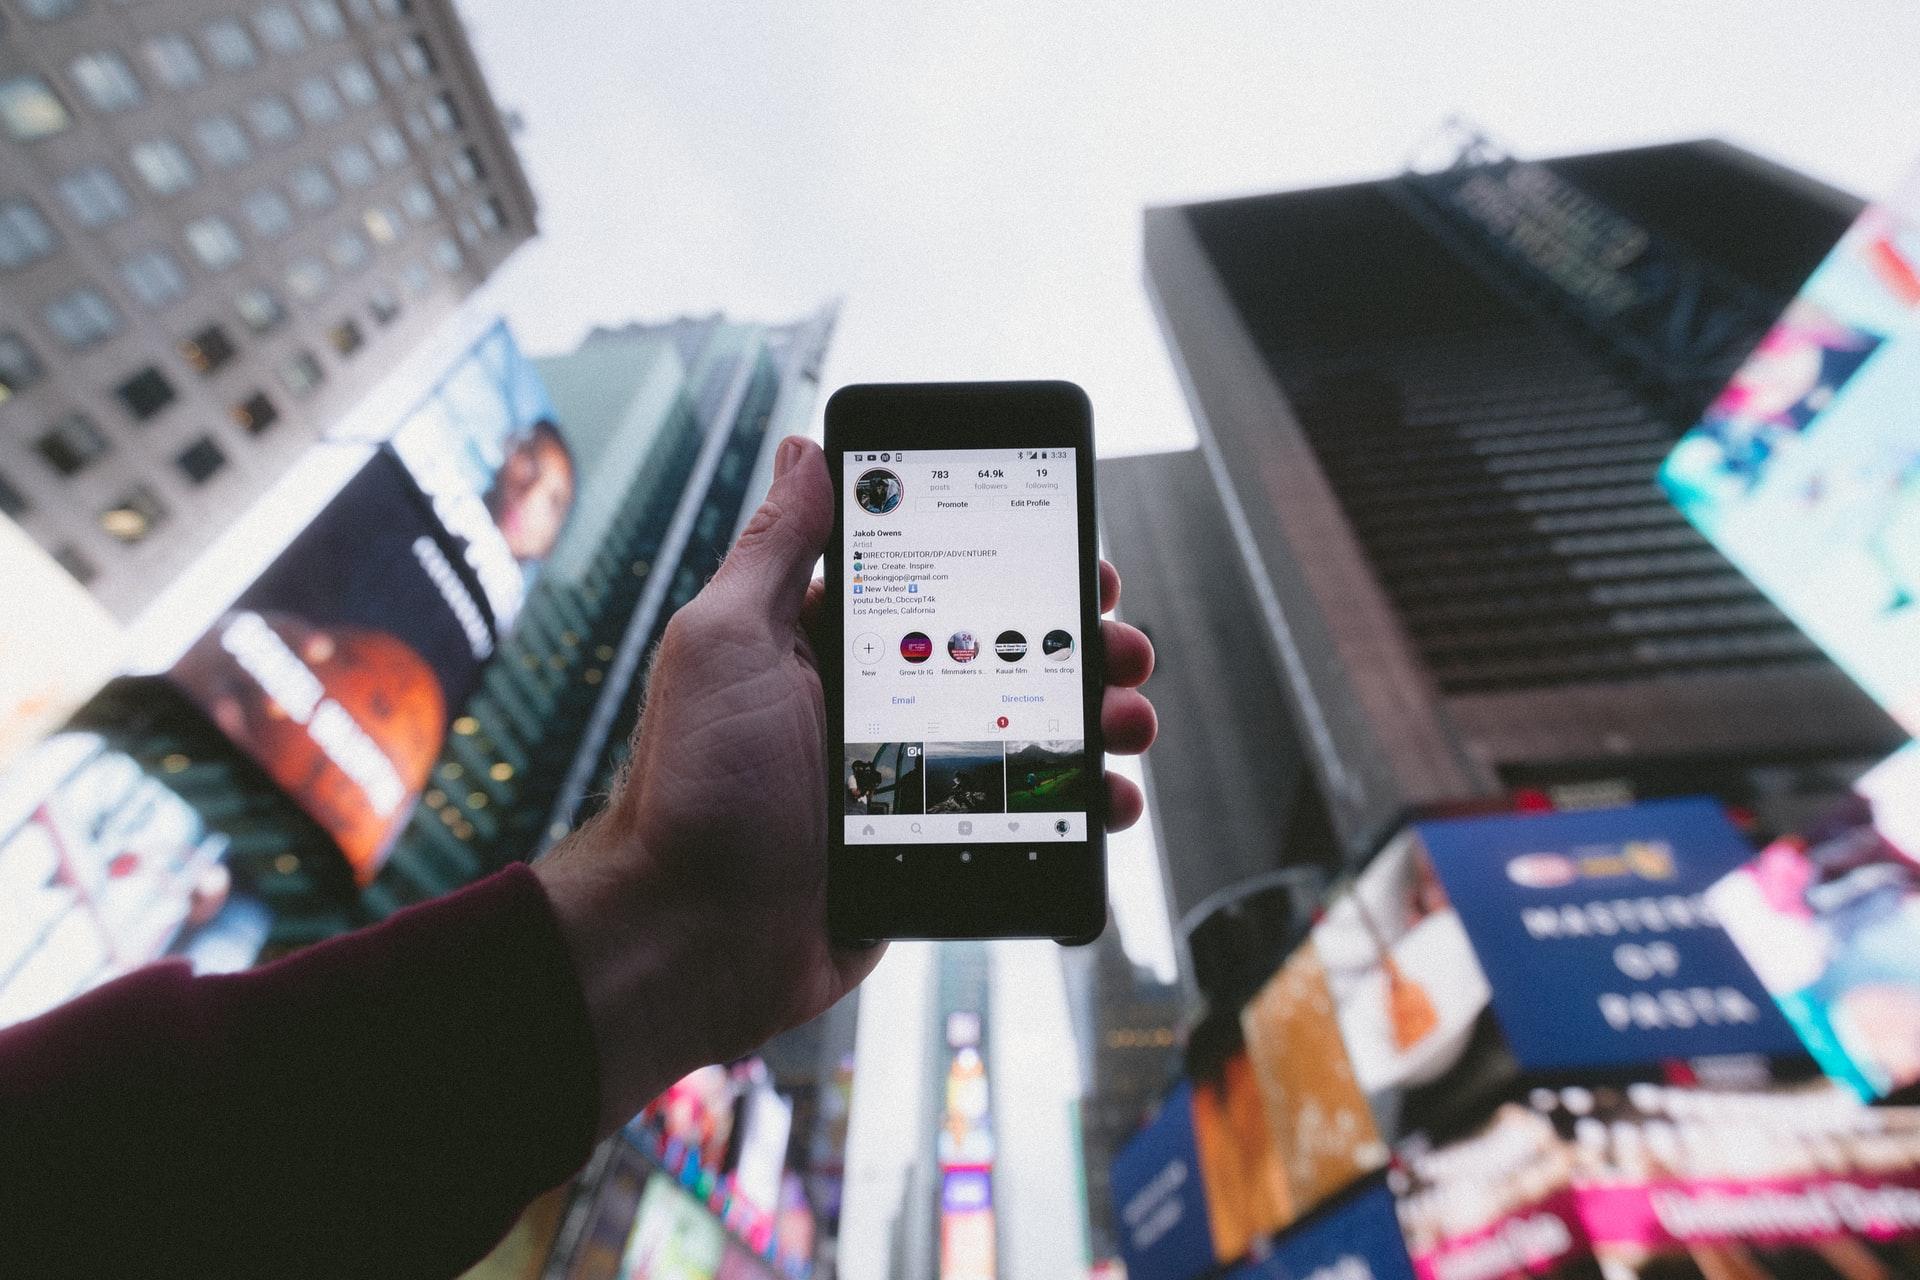 Celular para o alto, entre prédios, com acesso as redes sociais